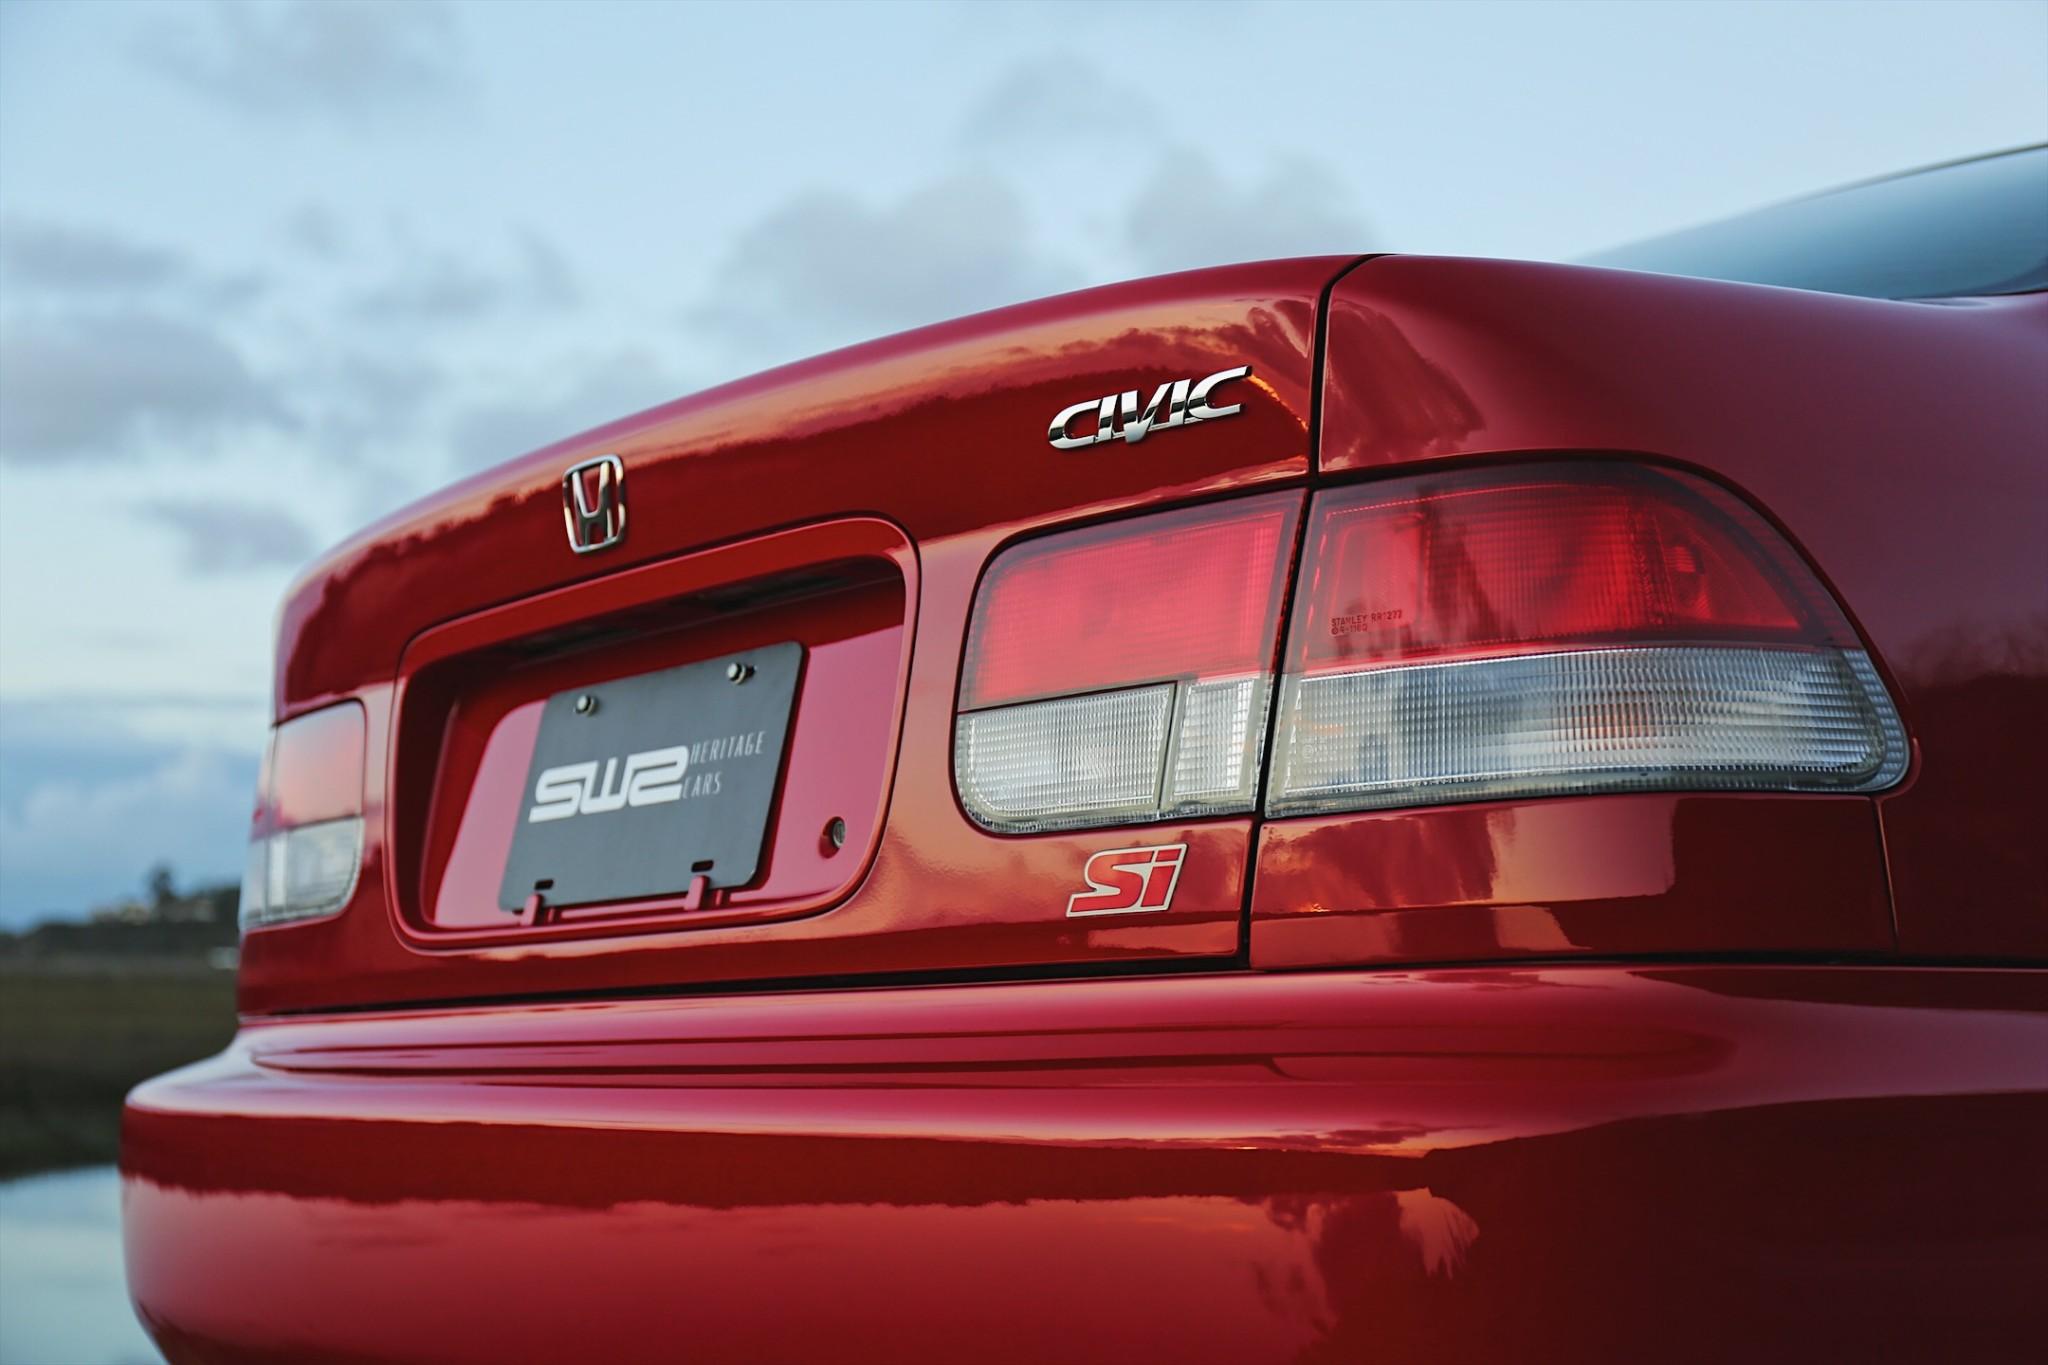 2000 Honda Civic Si rear